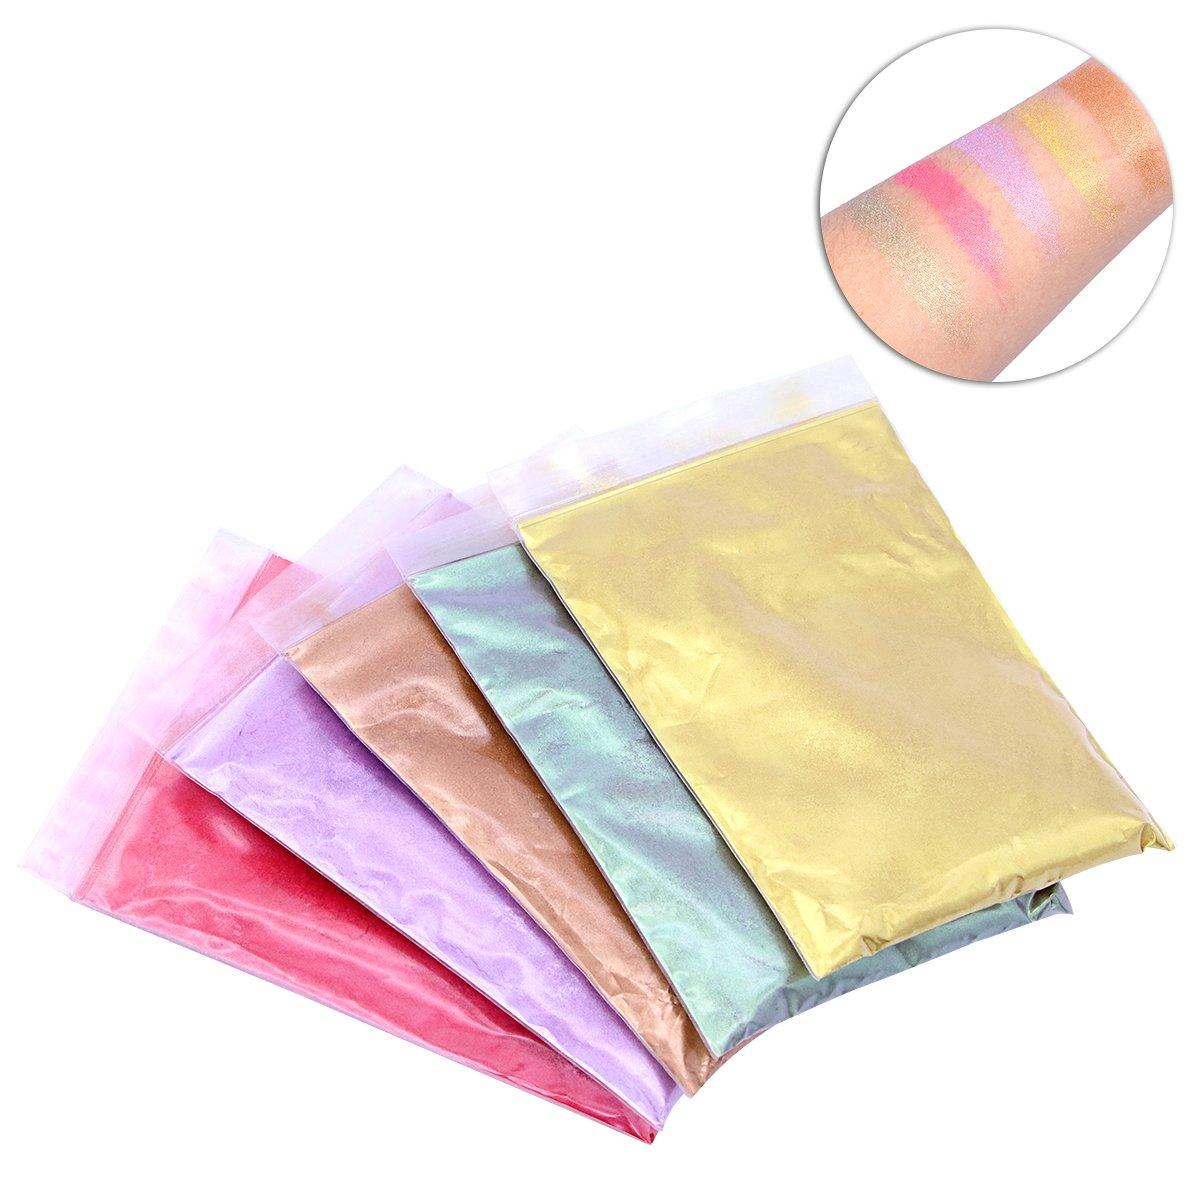 Trucco minerale Ultnice pigmenti in polvere per sapone candela che fa ombretto rossetto 5PCS